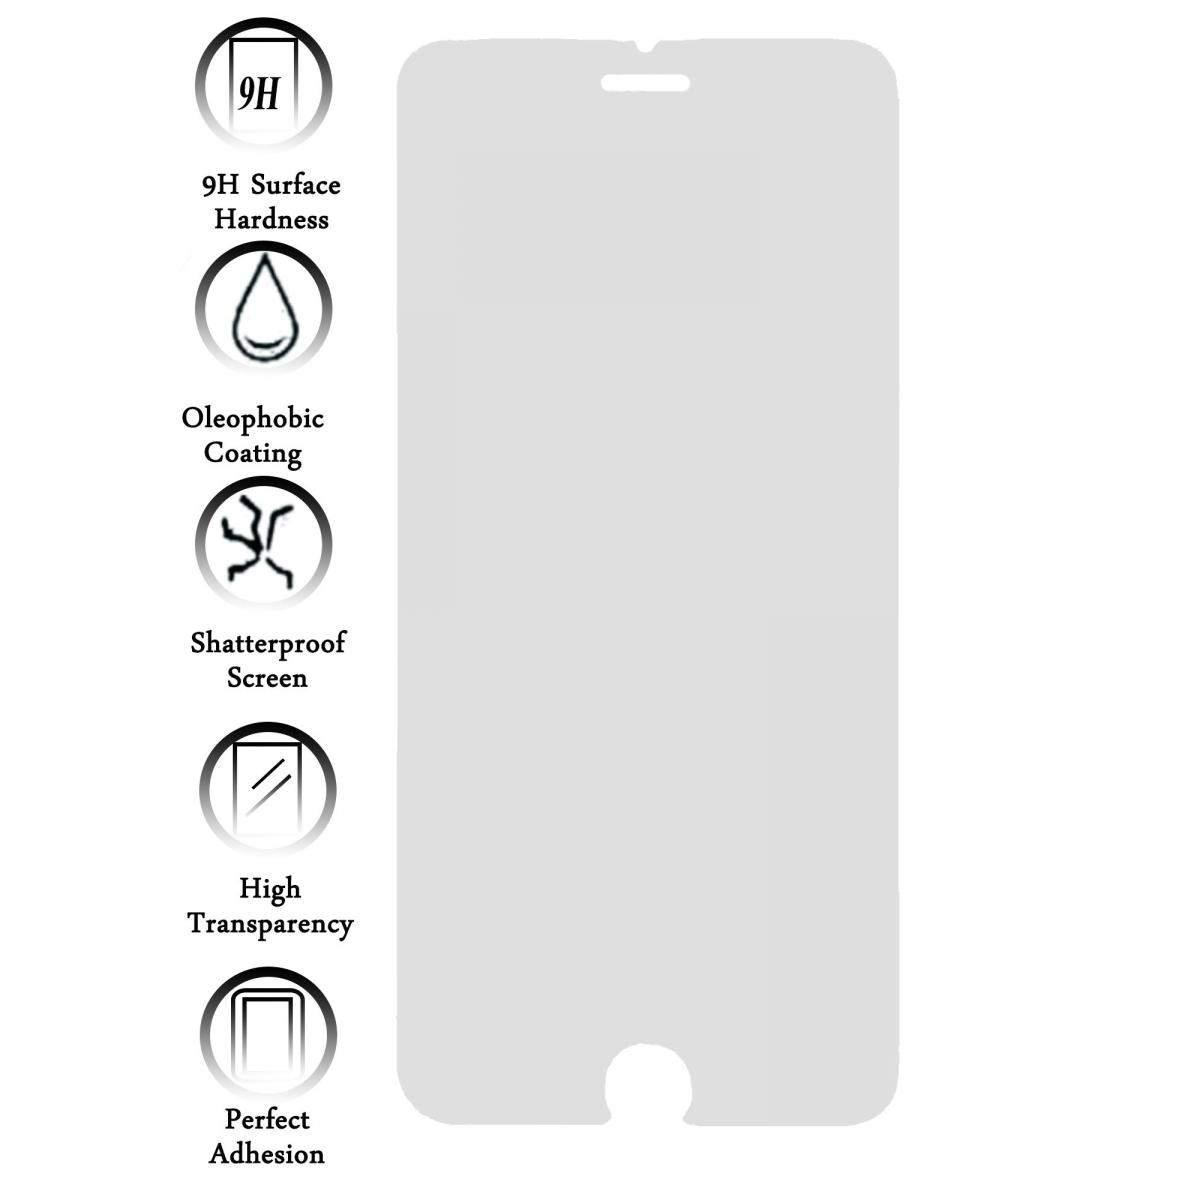 6a7f85ad398 Protector de Pantalla Cristal Templado Premium para Apple Iphone 6, I6 4,7